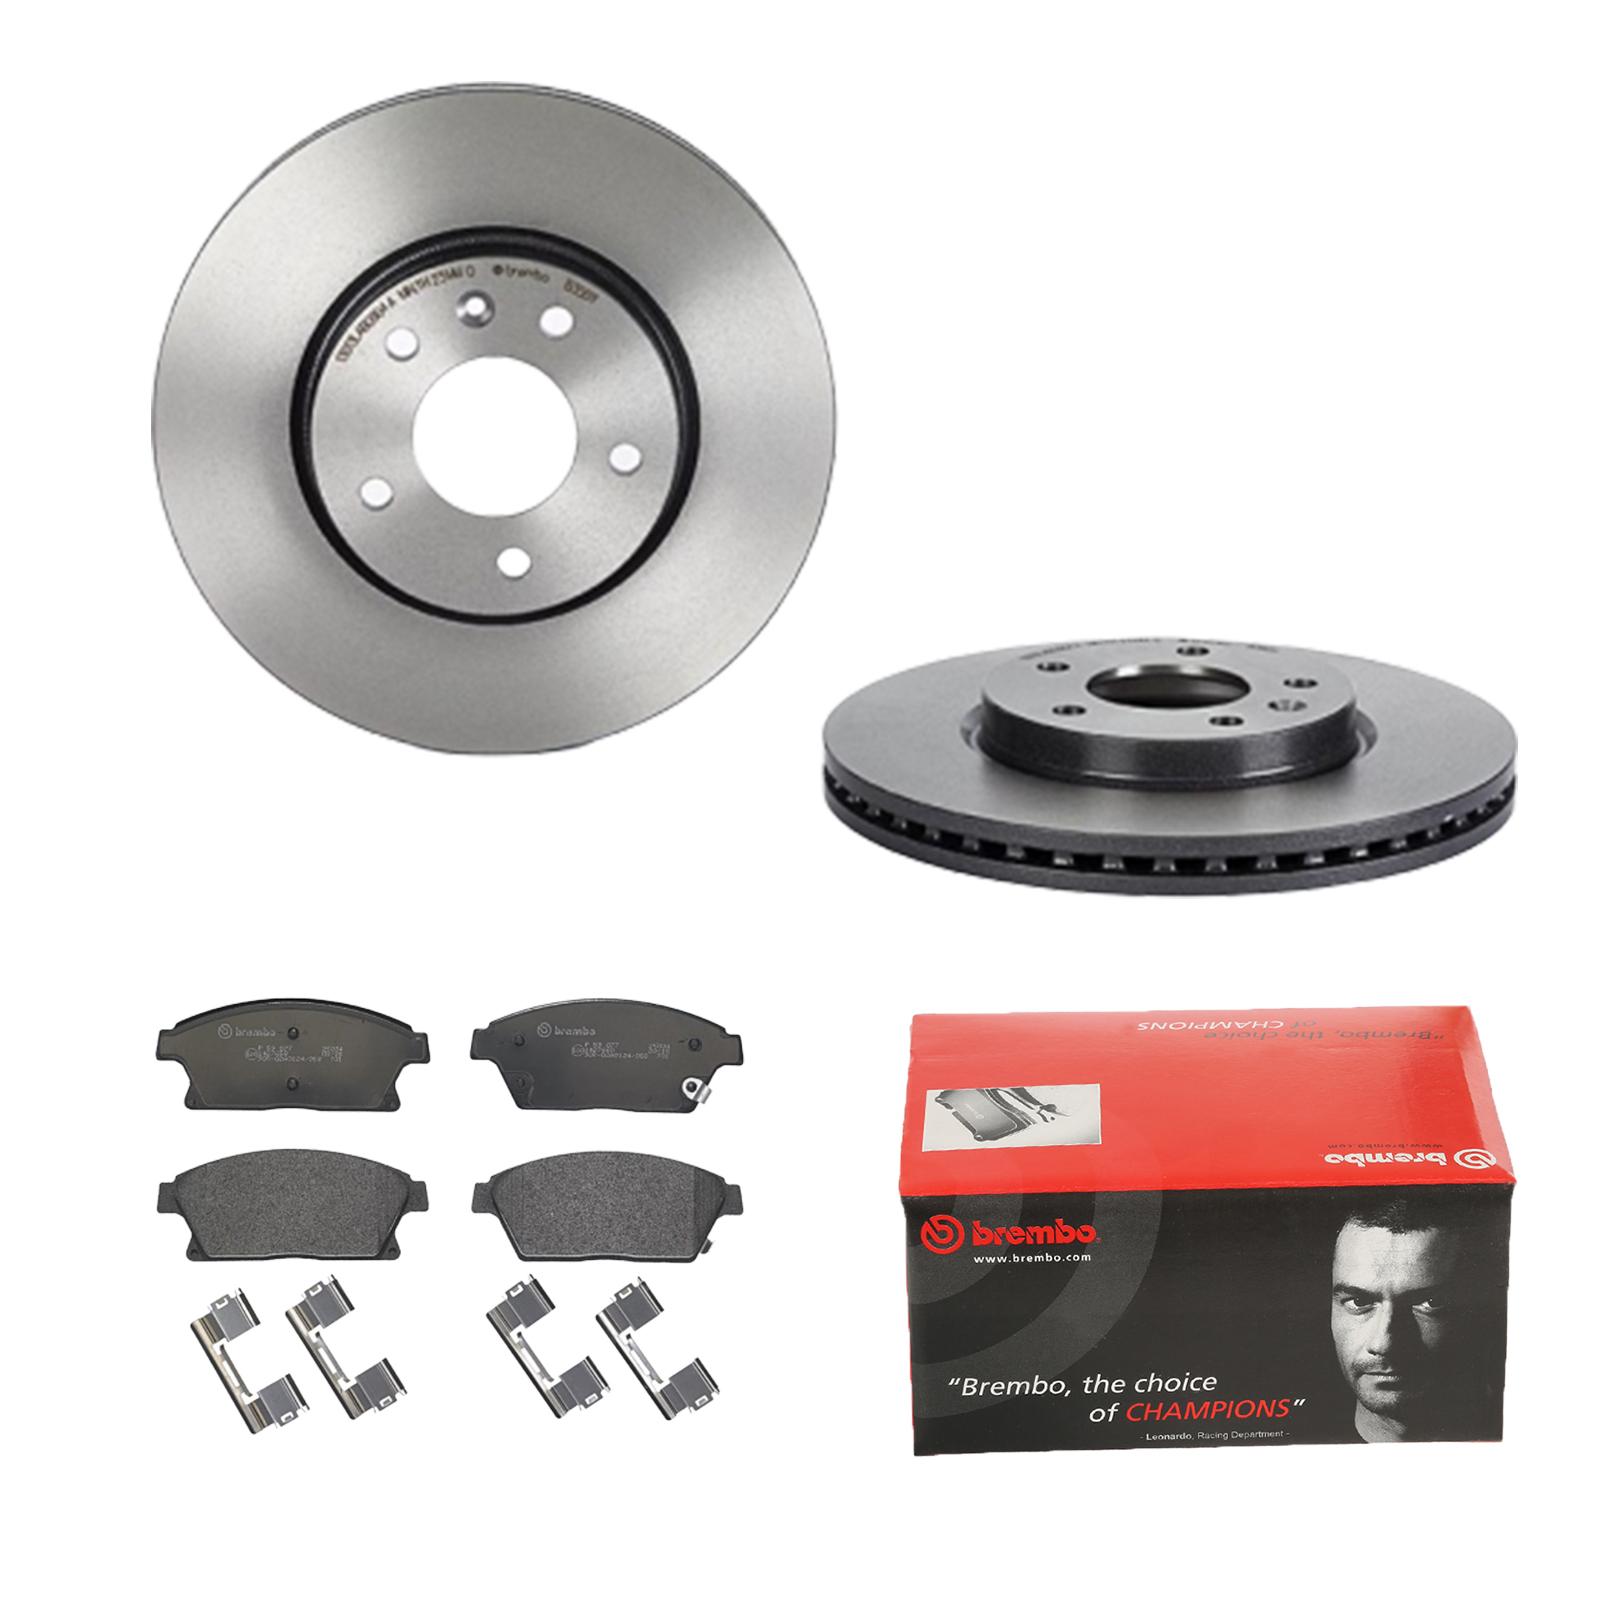 ATE2 Bremsscheiben Belüftet 300 mm Bremsbeläge Vorne u.a für Ford Volvo